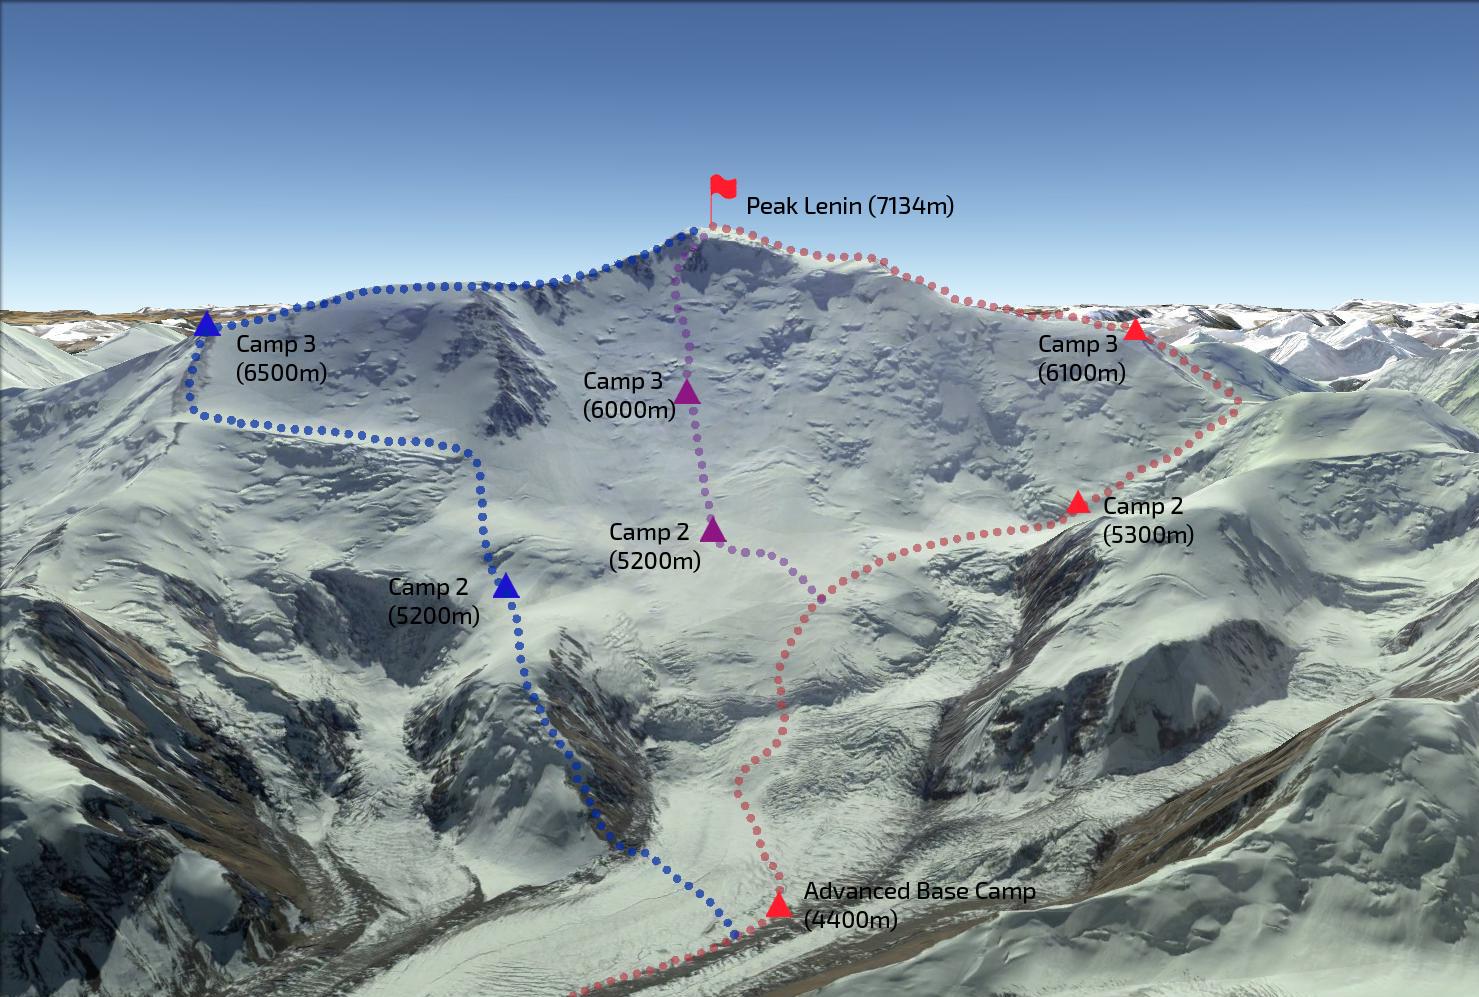 Rood = normaal route, blauw = Lipkin's rocks route. Eigenlijk wilden we een variant van de route nemen door vanaf C2 recht omhoog te gaan naar de main redge, omdat dit er erg goed uit zag. Tijdens onze acclimatisatie zijn we via de blauwe route omhoog gegaan en dan zo'n 100 meter boven camp 2 naar de normaal route getraverseerd.